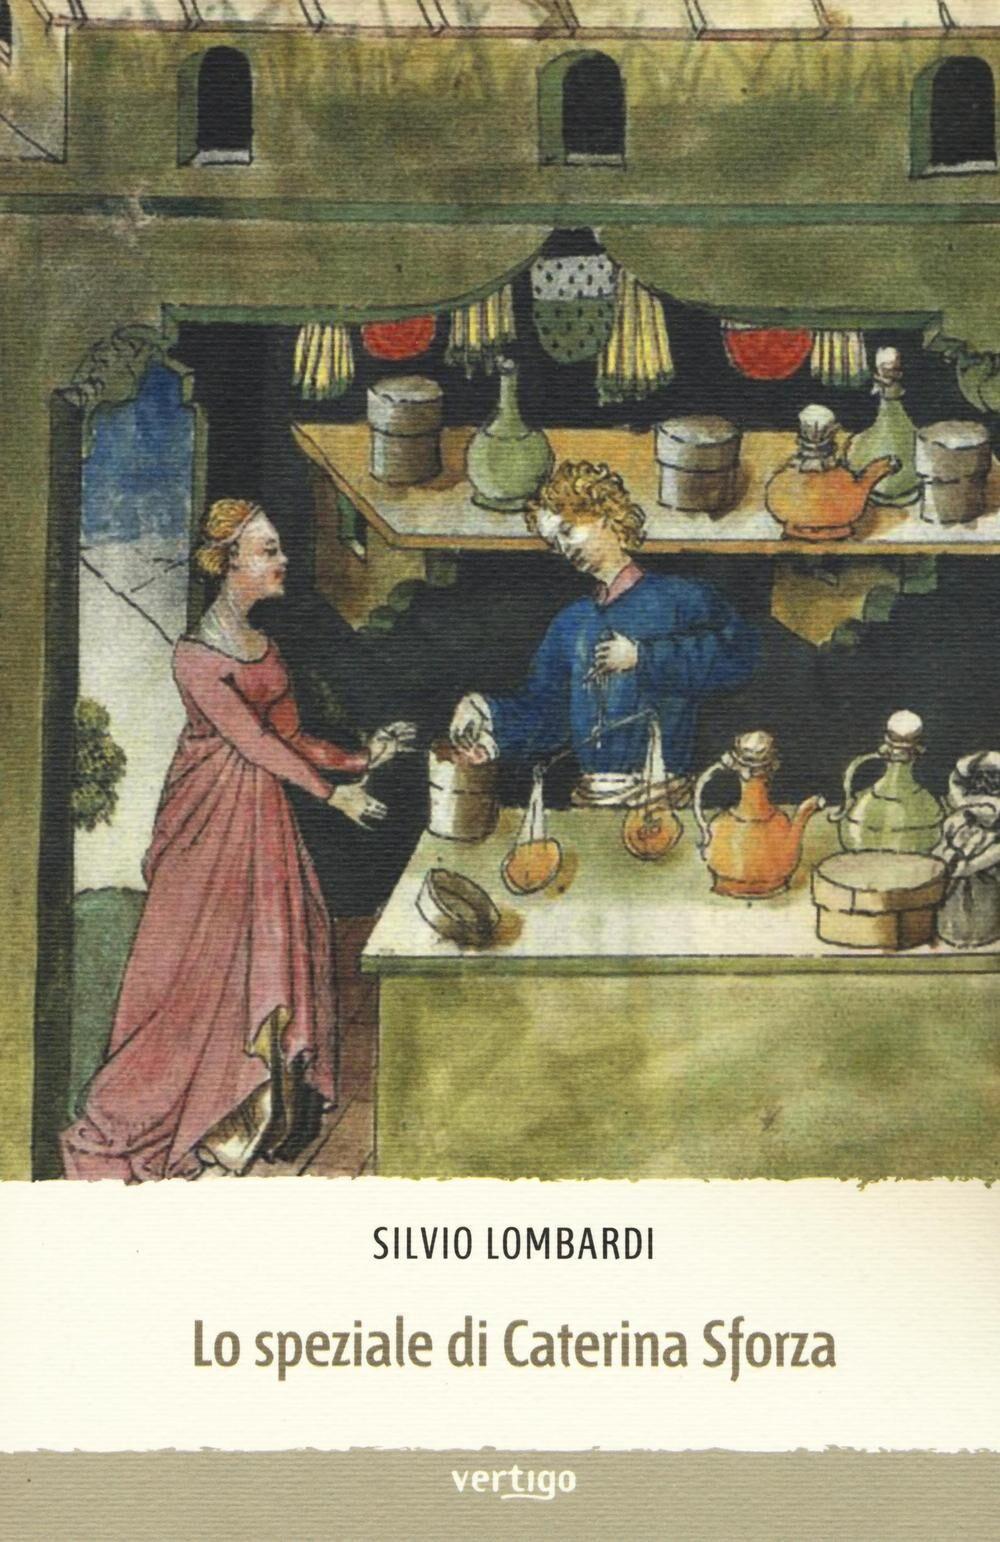 Lo speziale di Caterina Sforza